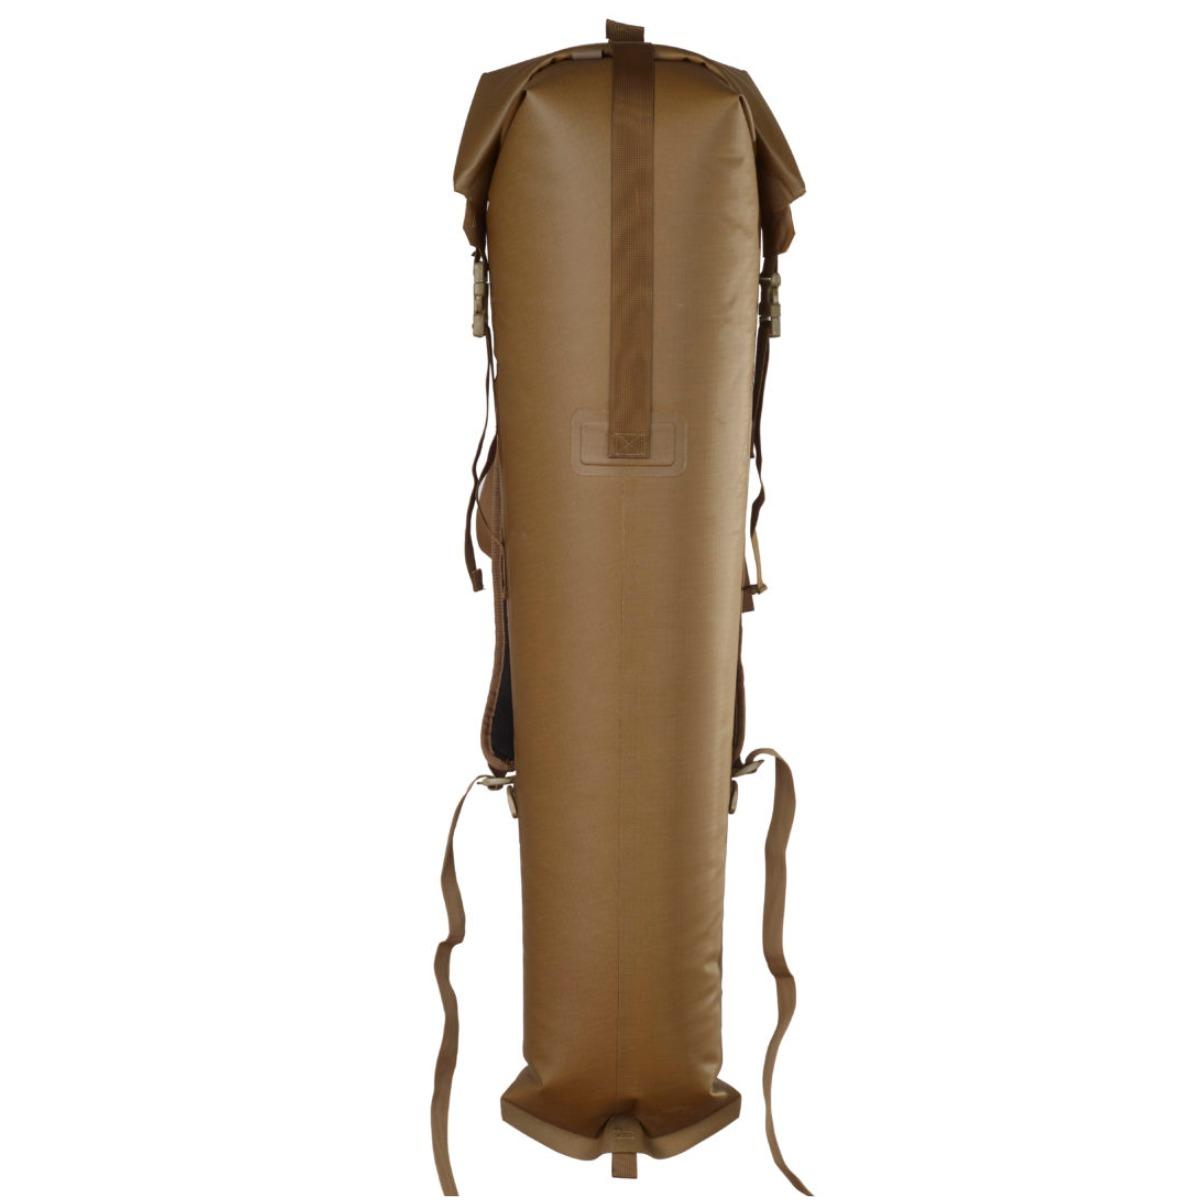 WATERSHED Rangeland Long Gun Backpack